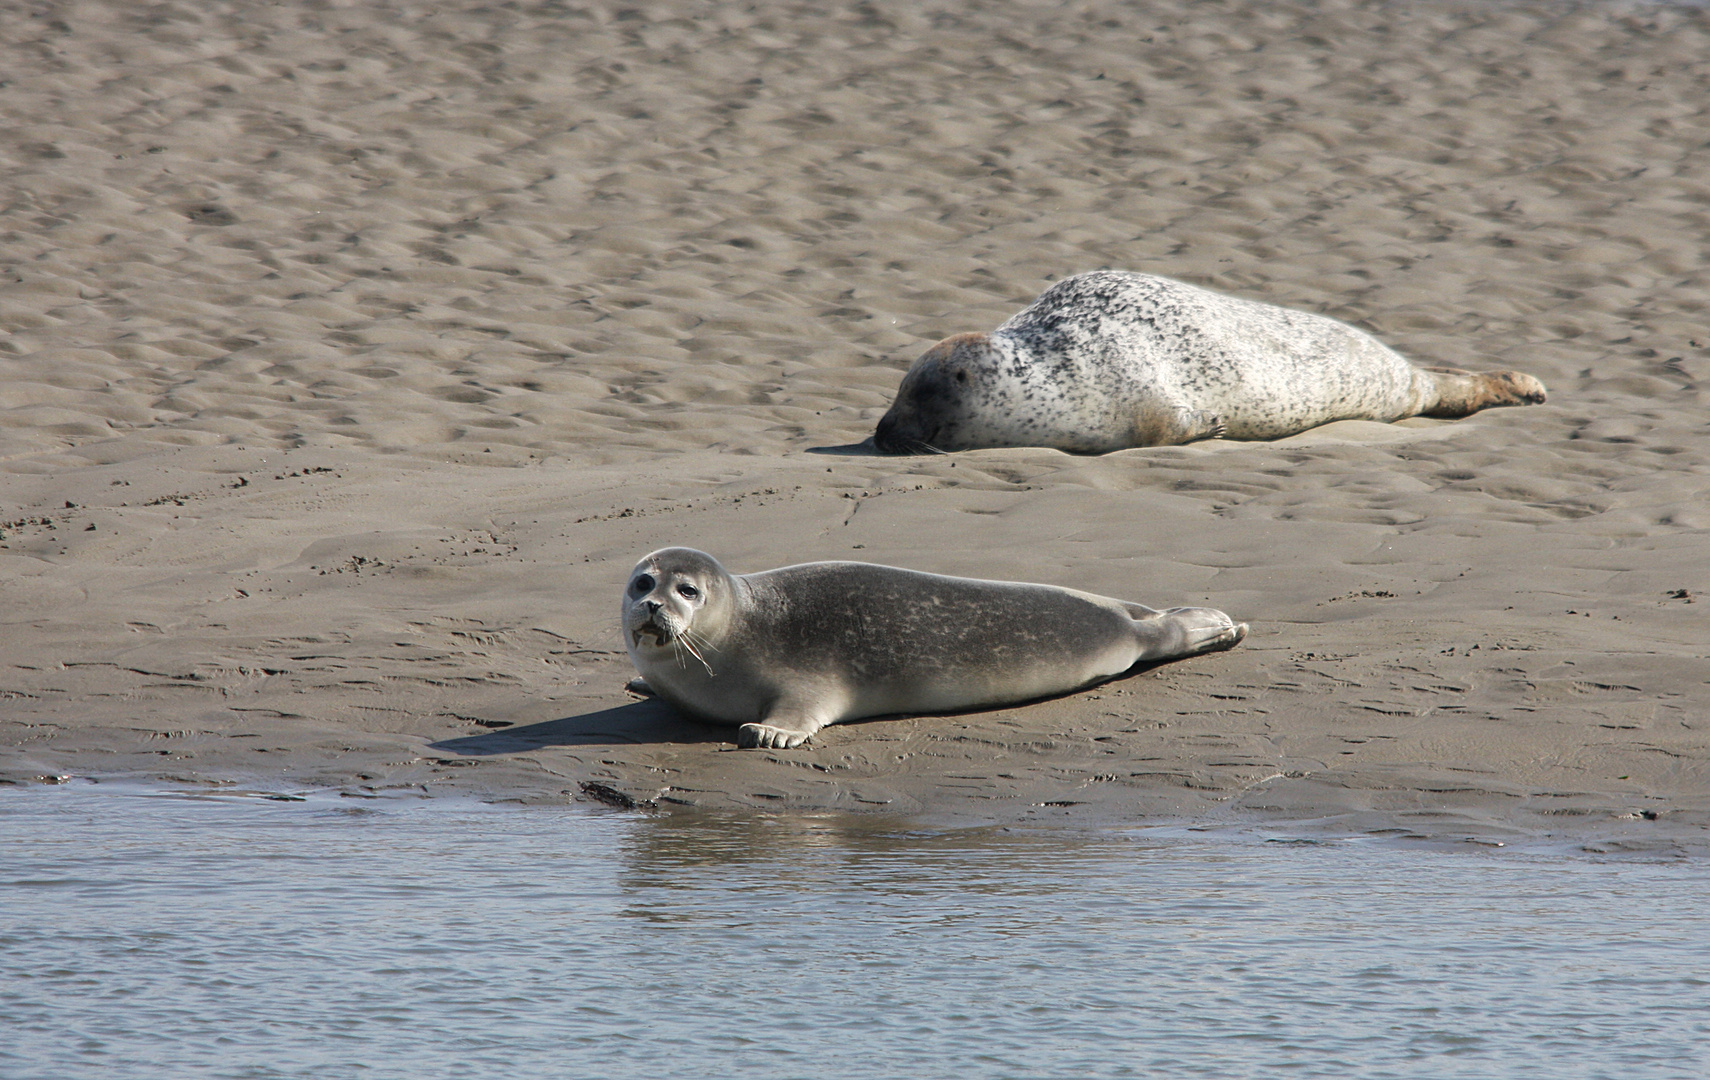 Nordsee 2012 - Seehundbänke Foto & Bild | deutschland, europe ...